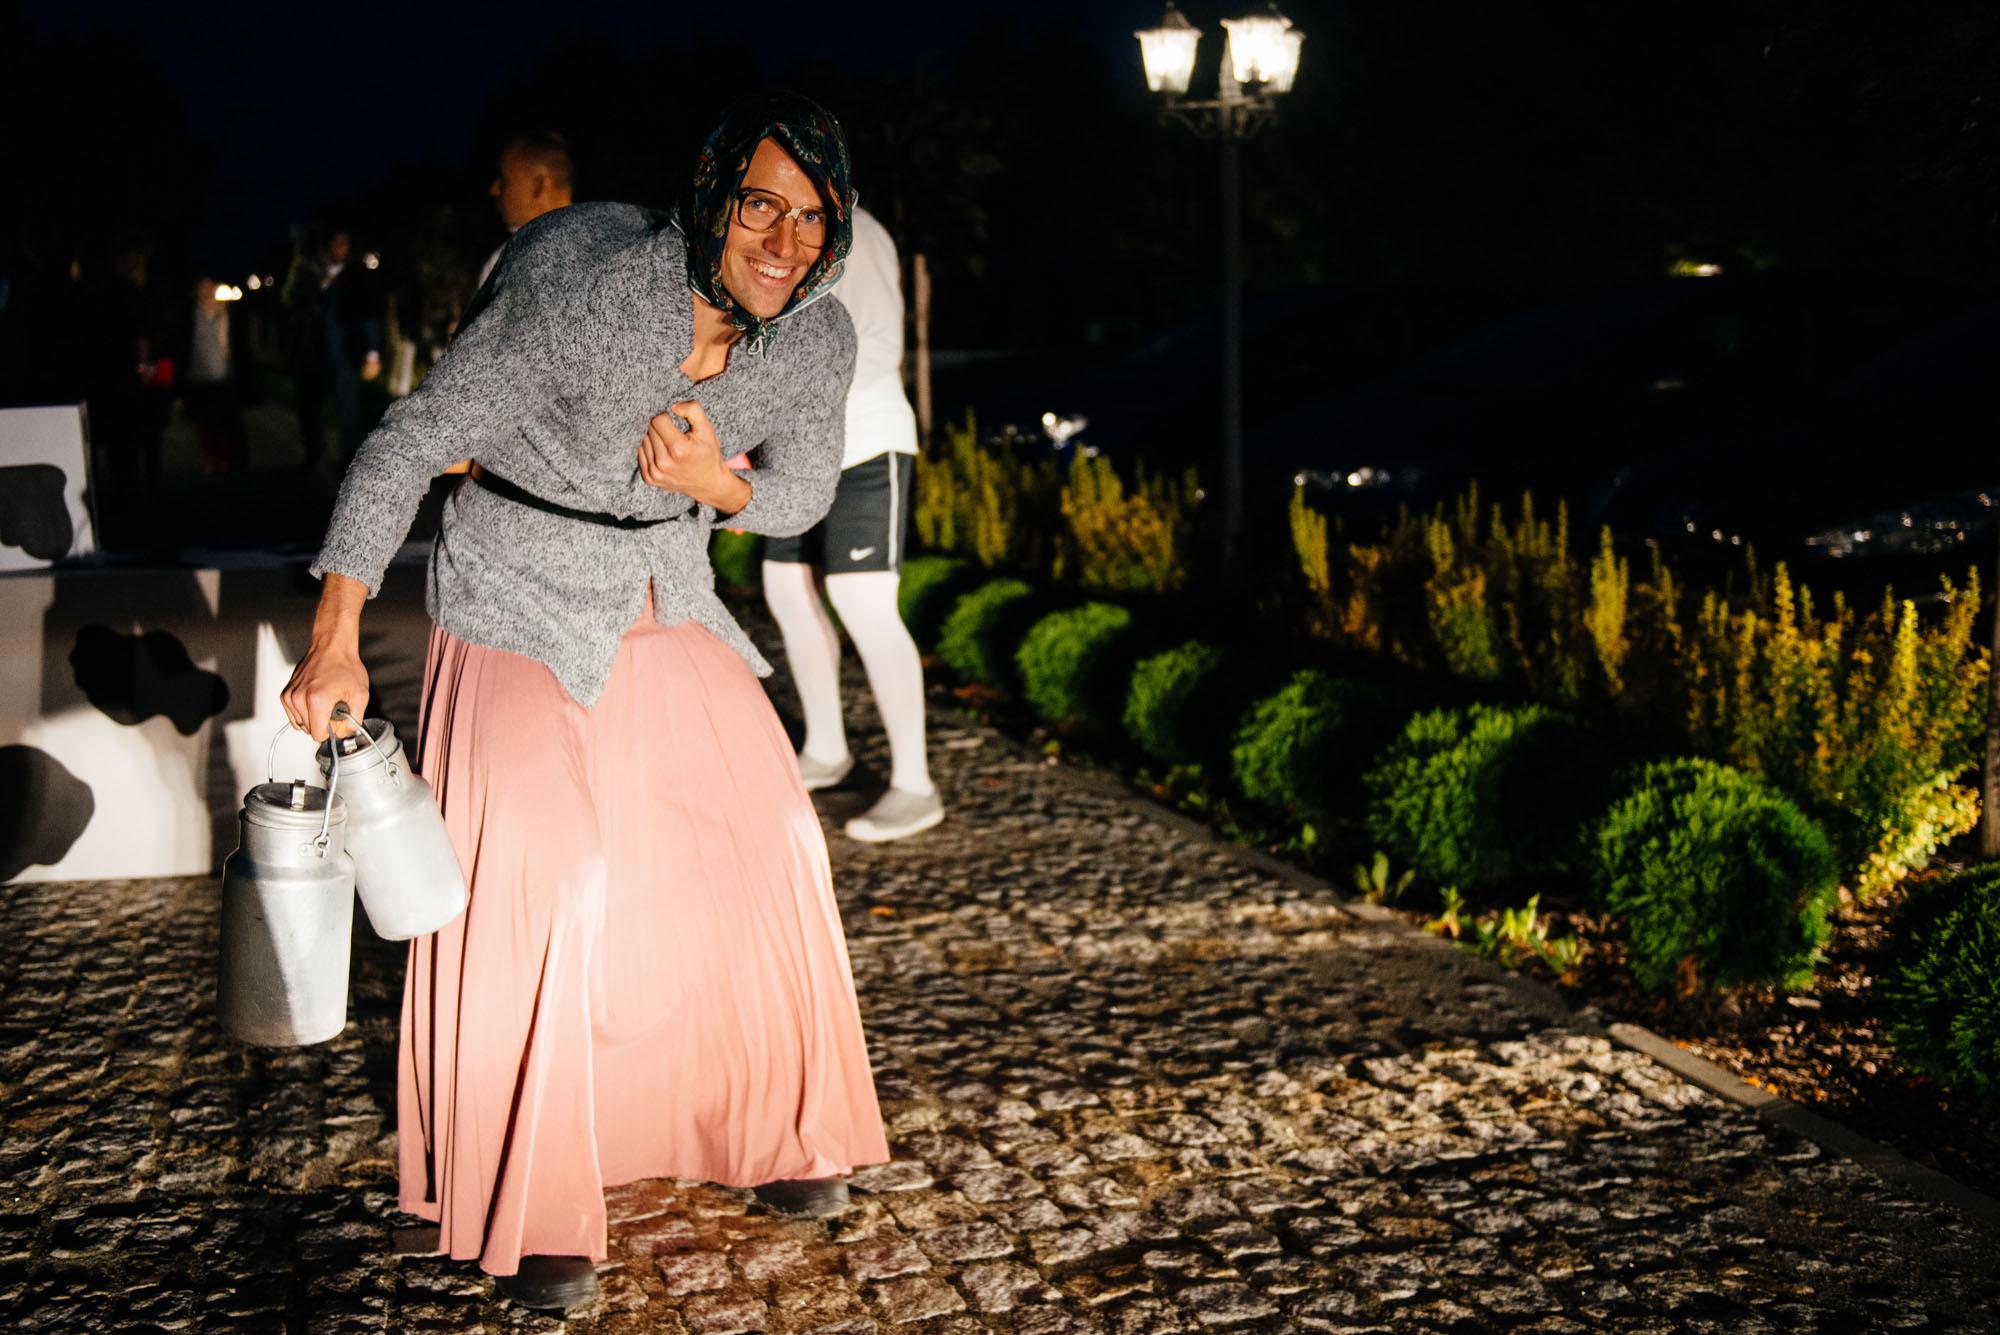 Paulina i Michał - Wesele w Dworze pod Kasztanowcami - wesele w dworze pod kasztanowcami